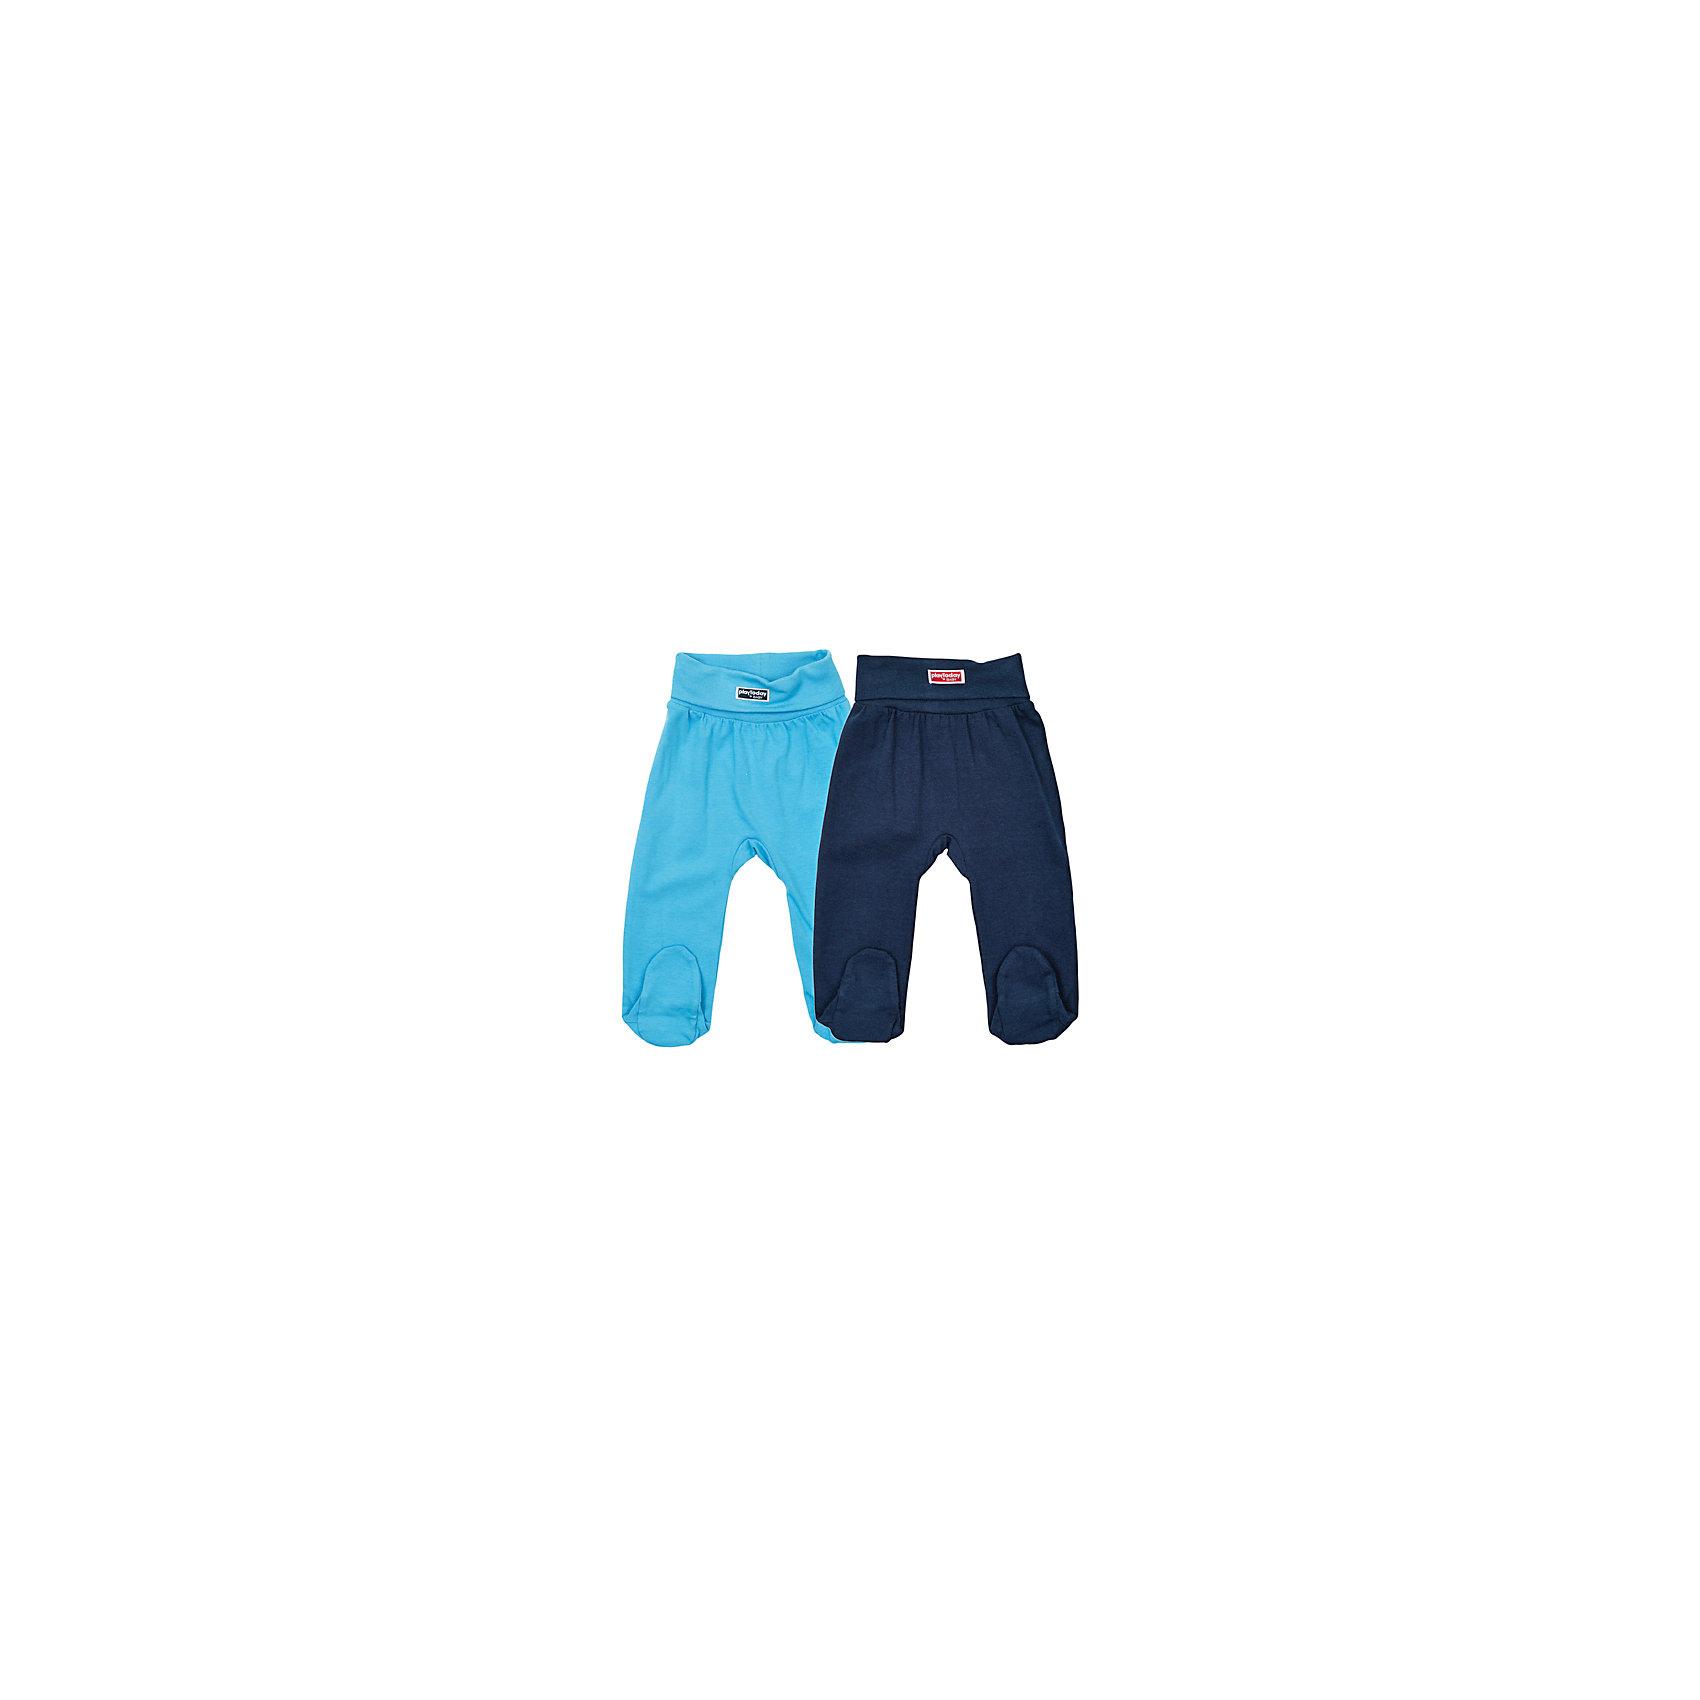 Ползунки, 2 шт. для мальчика PlayTodayПолзунки, 2 шт. для мальчика от известного бренда PlayToday.<br>Комплект из двух уютных хлопковых ползунков. Сдержанные цвета - голубой и темно-синий. На поясе мягкая резинка с модным отворотом.<br>Состав:<br>100% хлопок<br><br>Ширина мм: 157<br>Глубина мм: 13<br>Высота мм: 119<br>Вес г: 200<br>Цвет: разноцветный<br>Возраст от месяцев: 6<br>Возраст до месяцев: 9<br>Пол: Мужской<br>Возраст: Детский<br>Размер: 74,56,62,68<br>SKU: 4901007